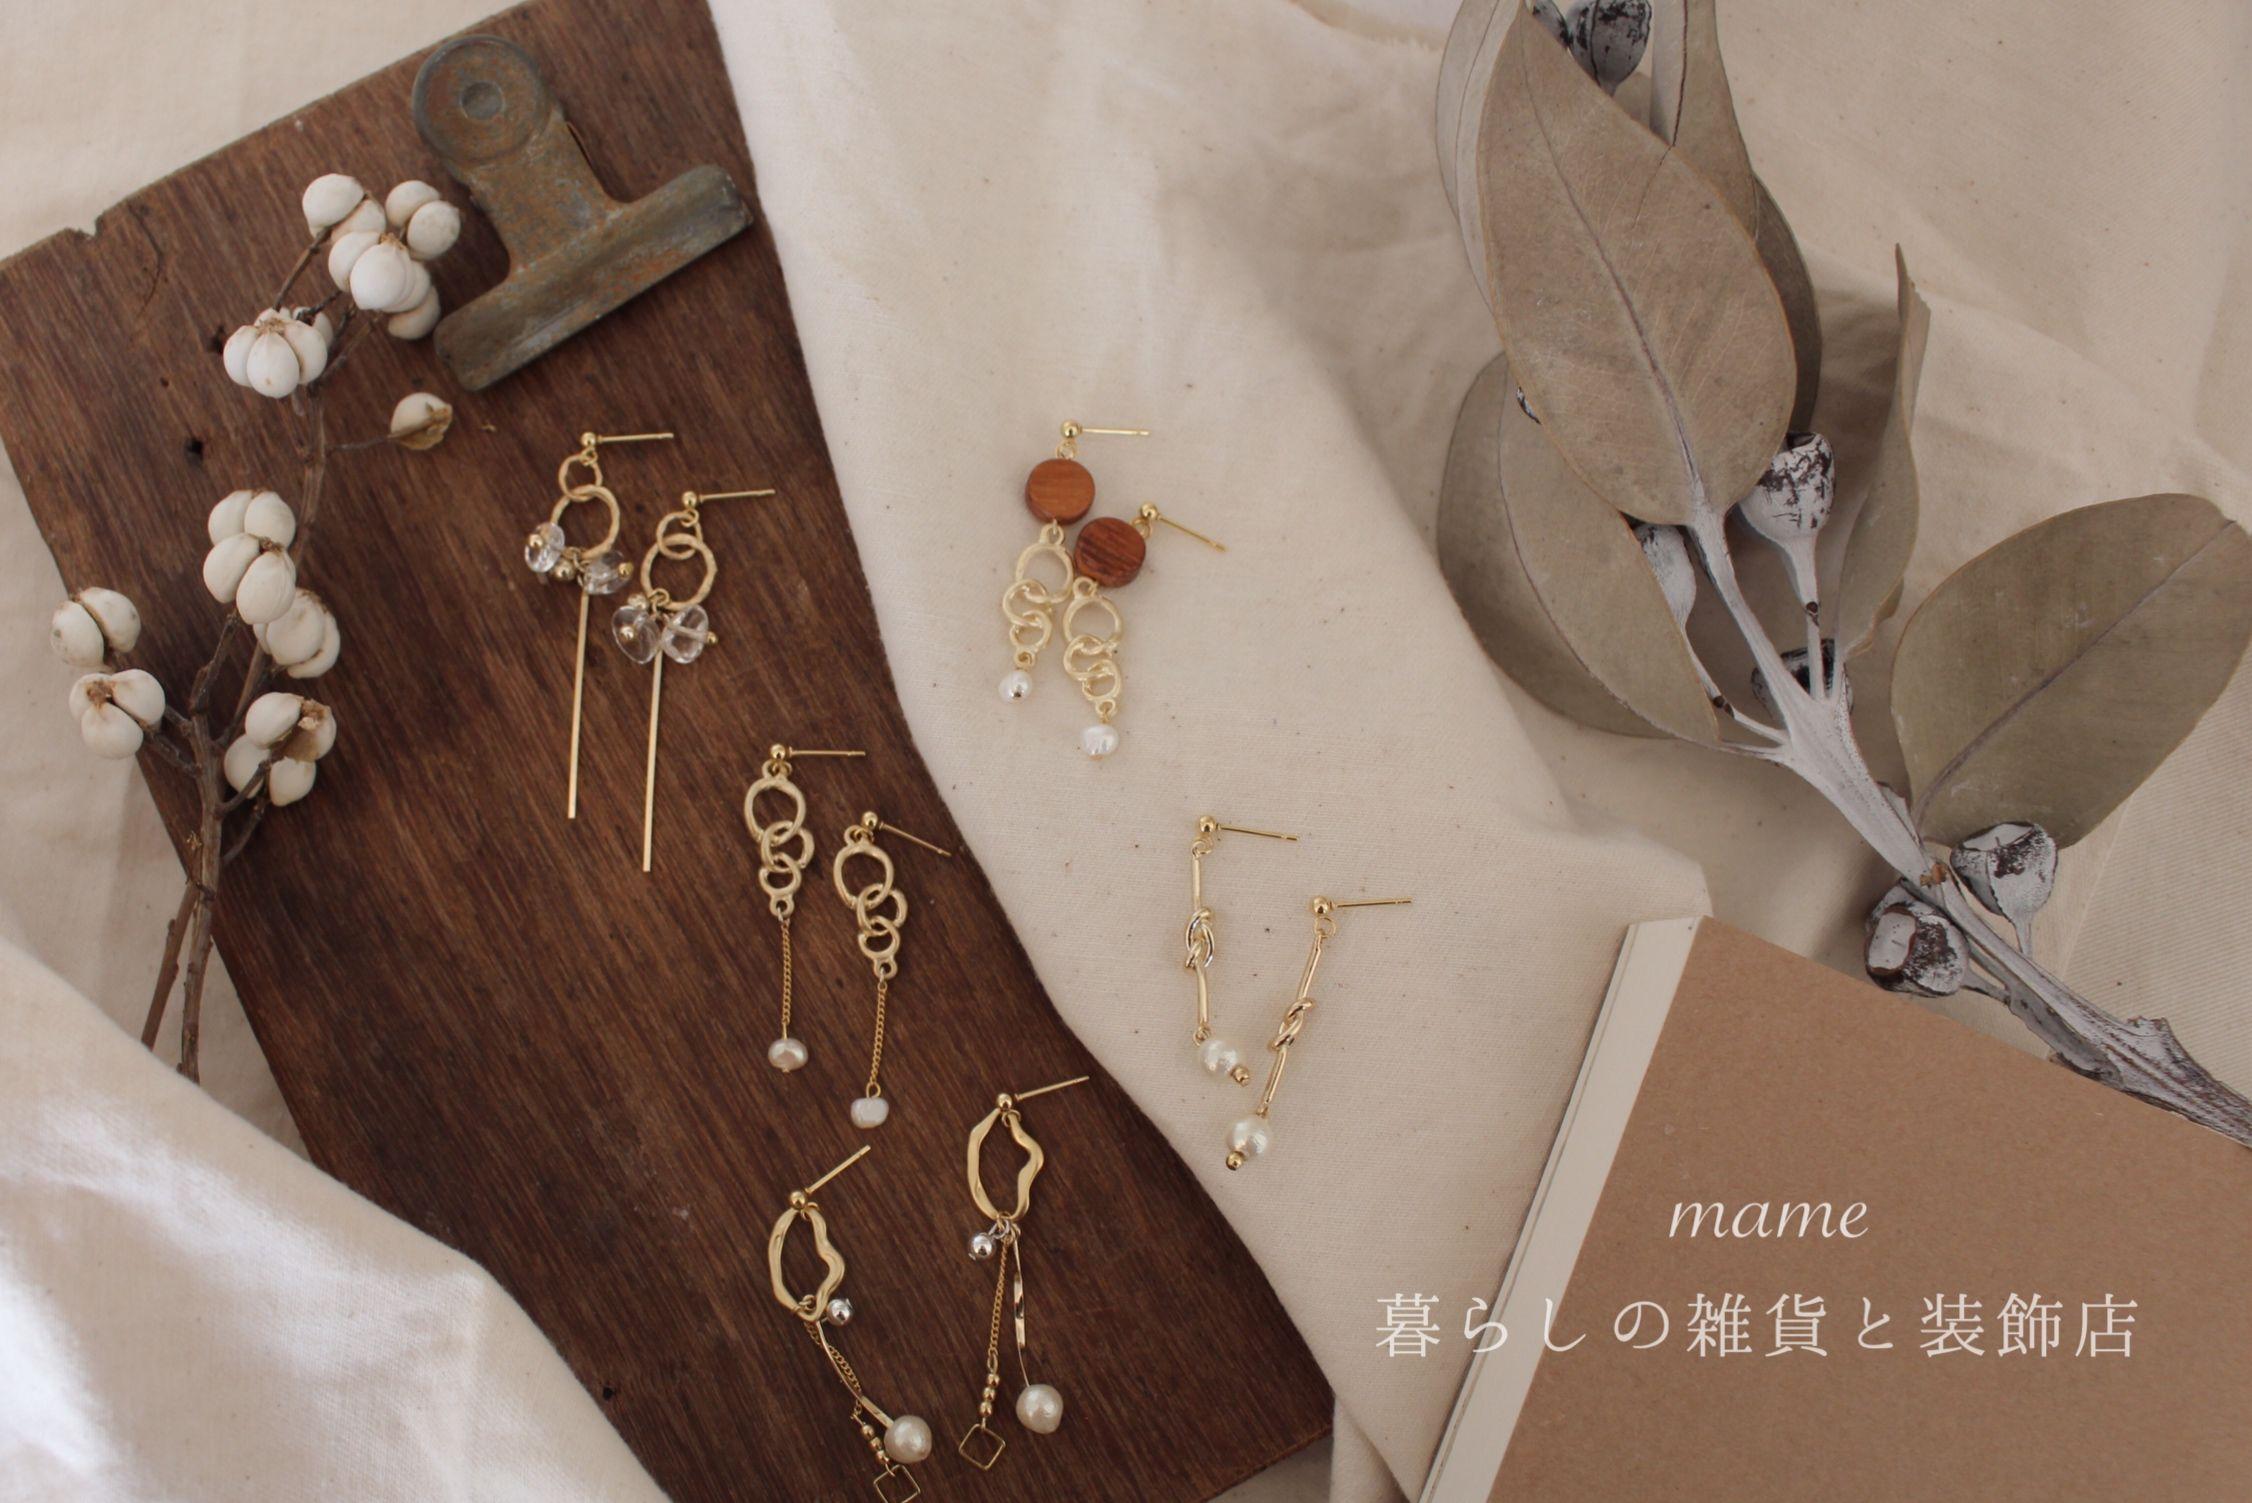 mame             暮らしの雑貨と装飾店